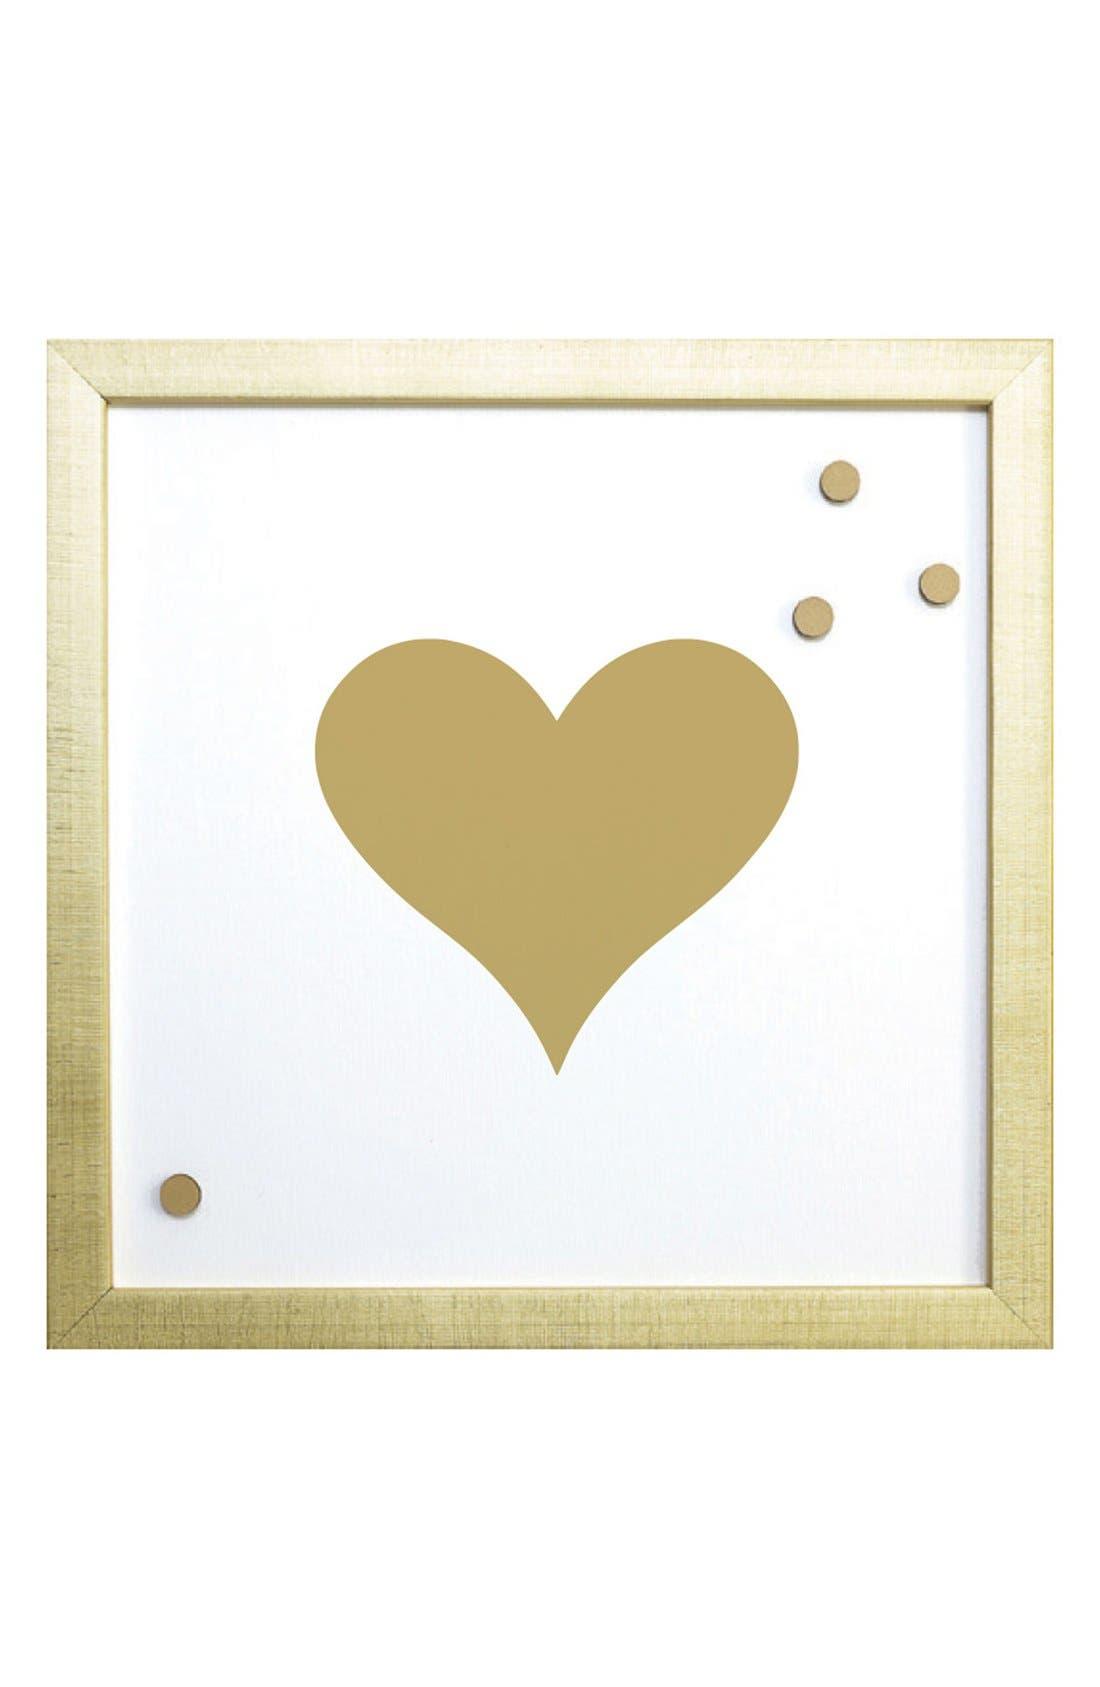 Petal Lane 'Heart' Magnet Board